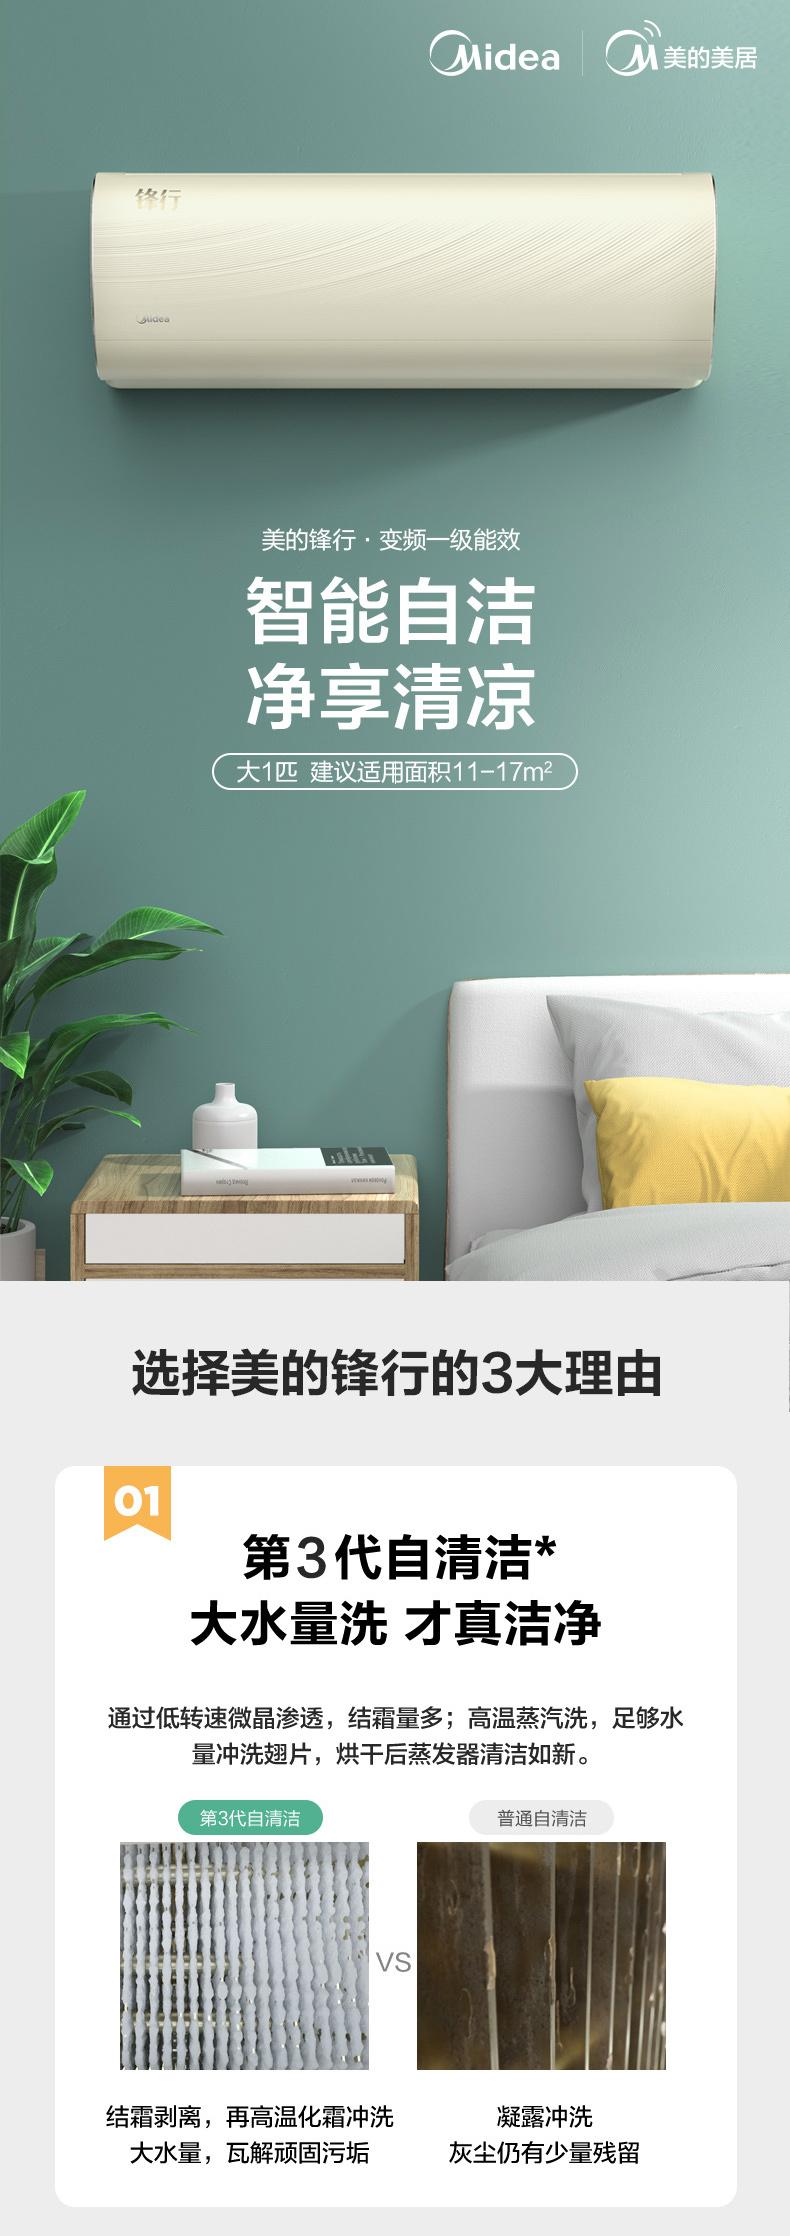 壁挂式空调多少钱